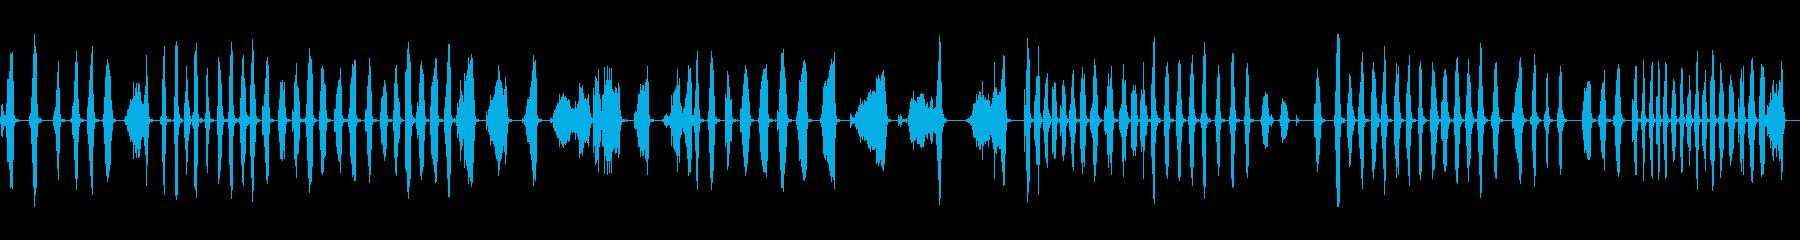 カーペットクリーニングのコーンブル...の再生済みの波形